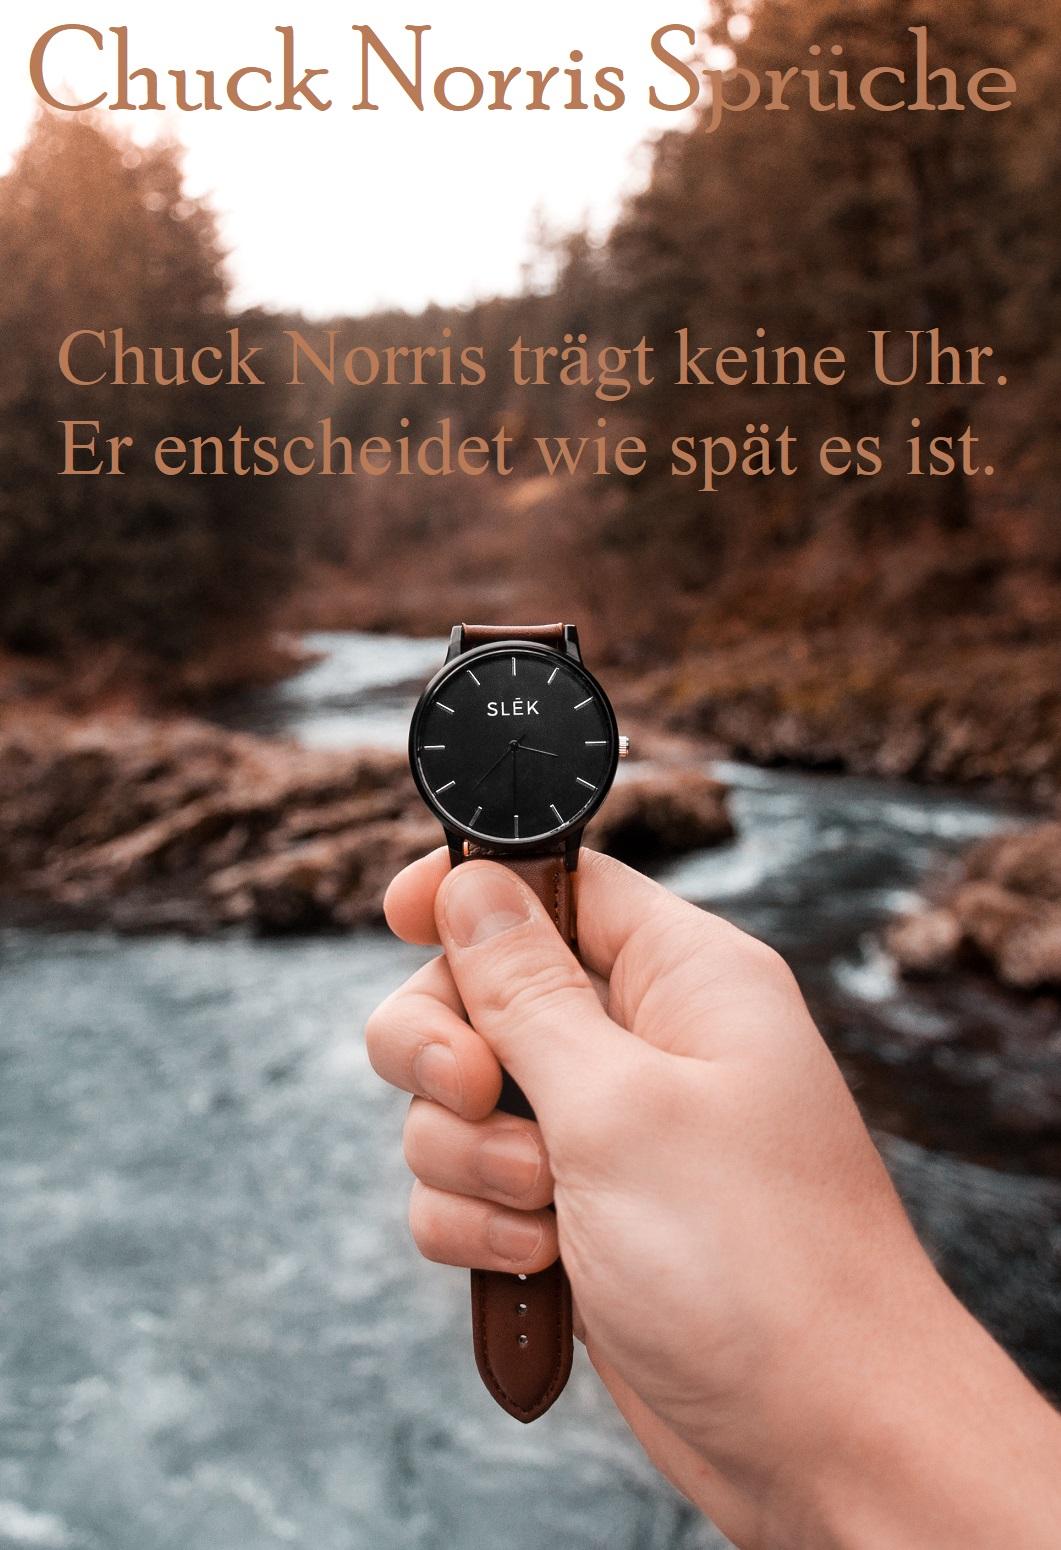 Chuck Norris Spruch verwenden